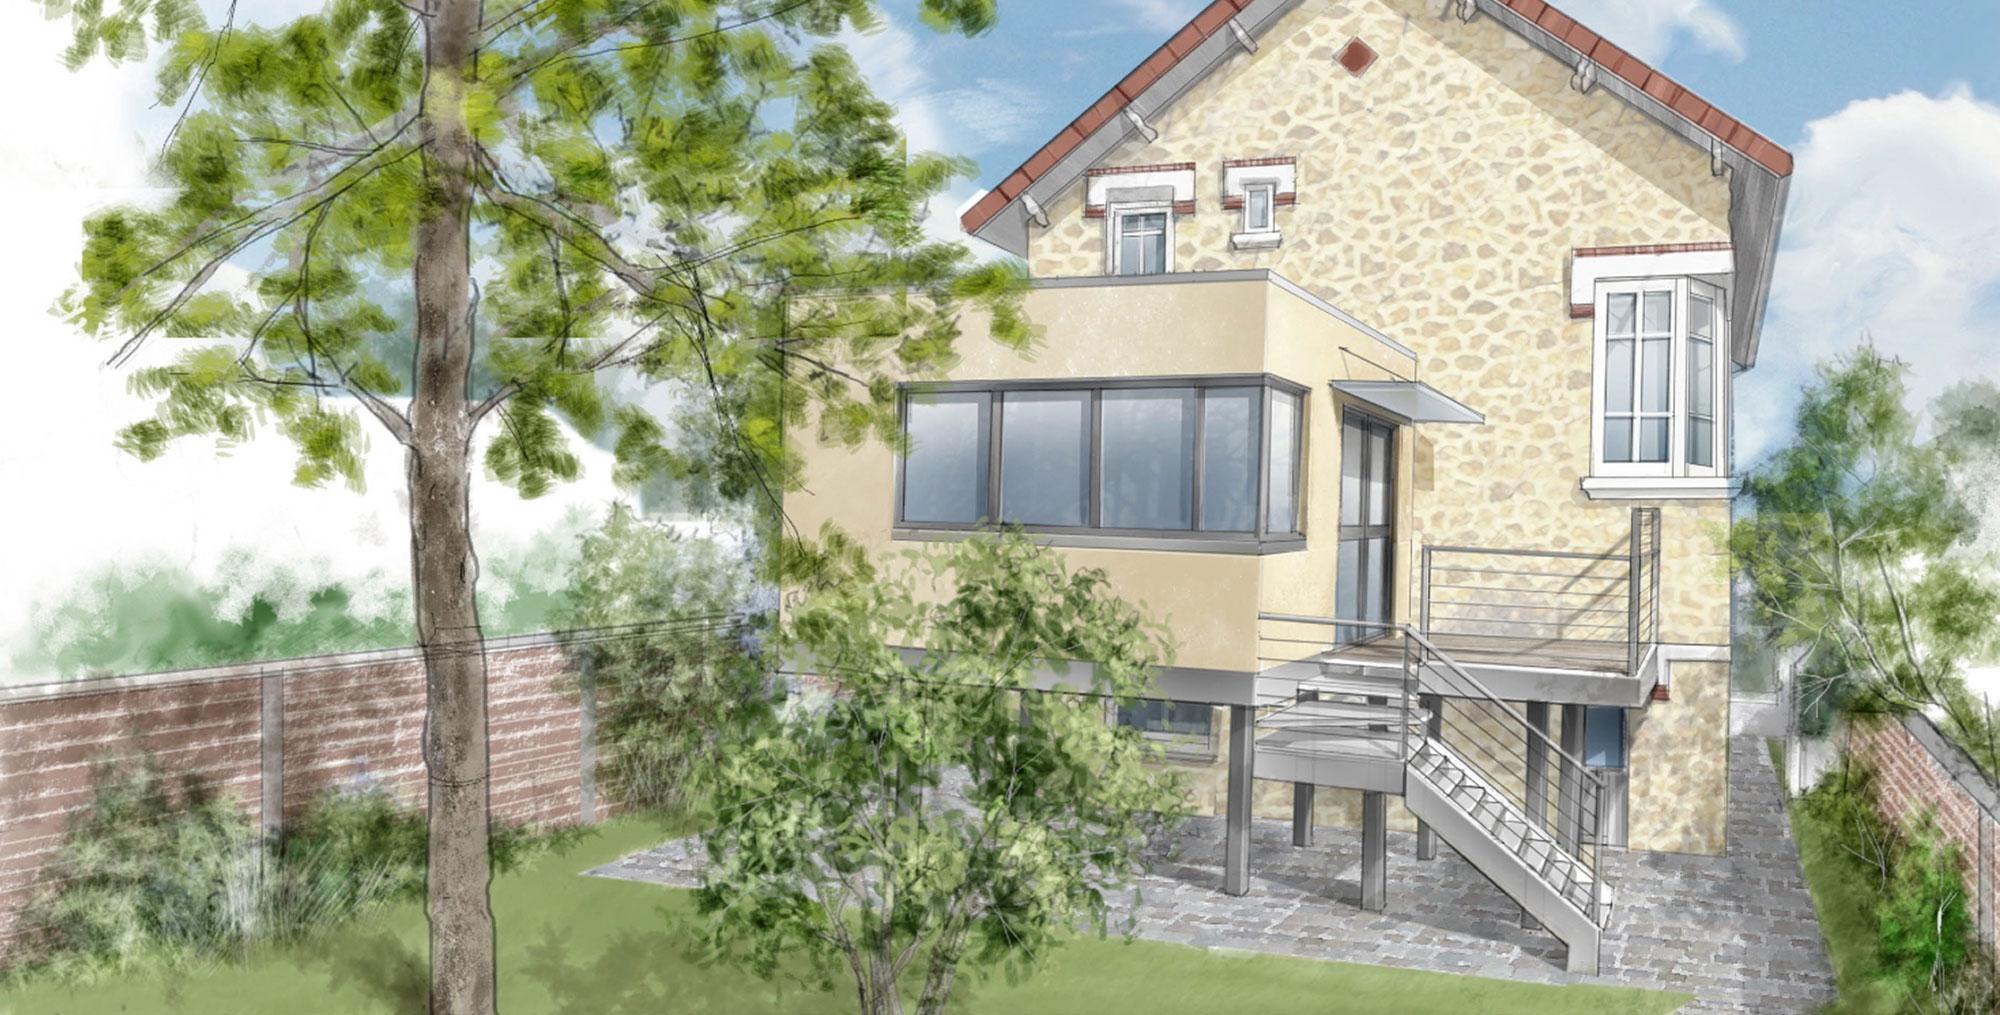 Maison Individuelle Chelles (Projet)